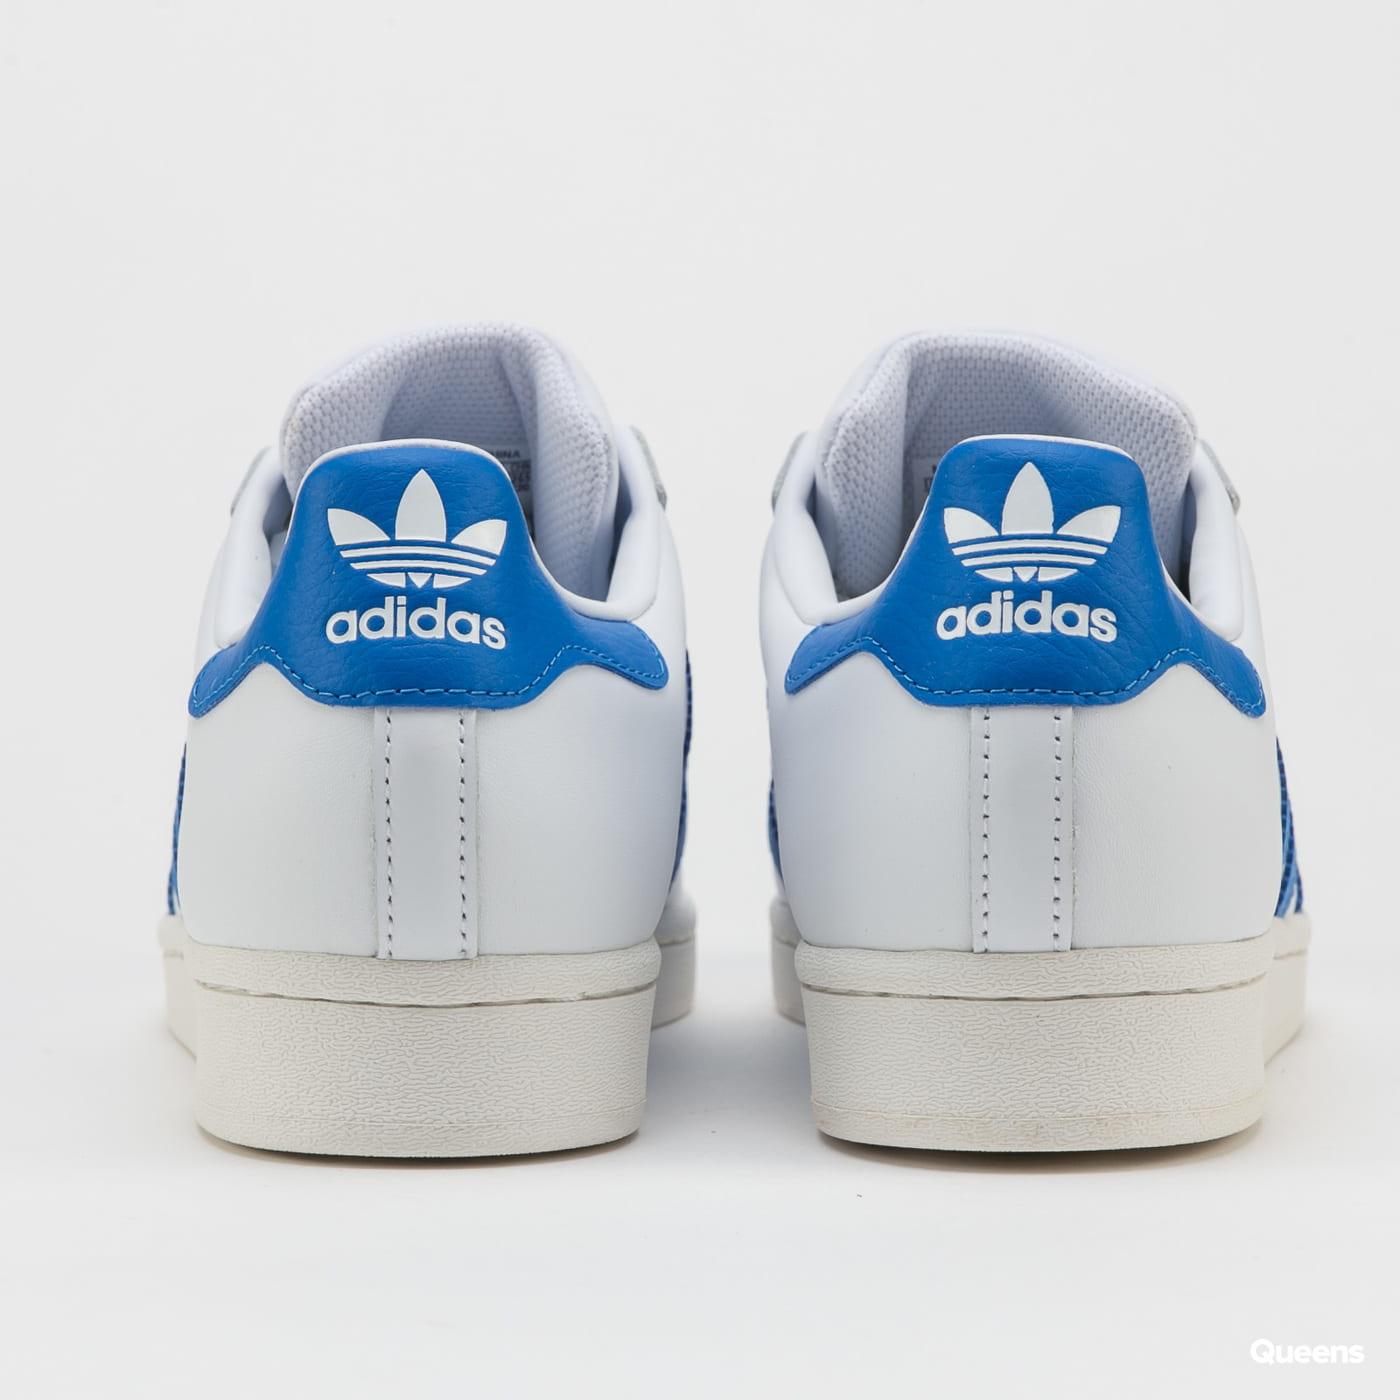 adidas Originals Superstar ftwwht / blubir / owhite